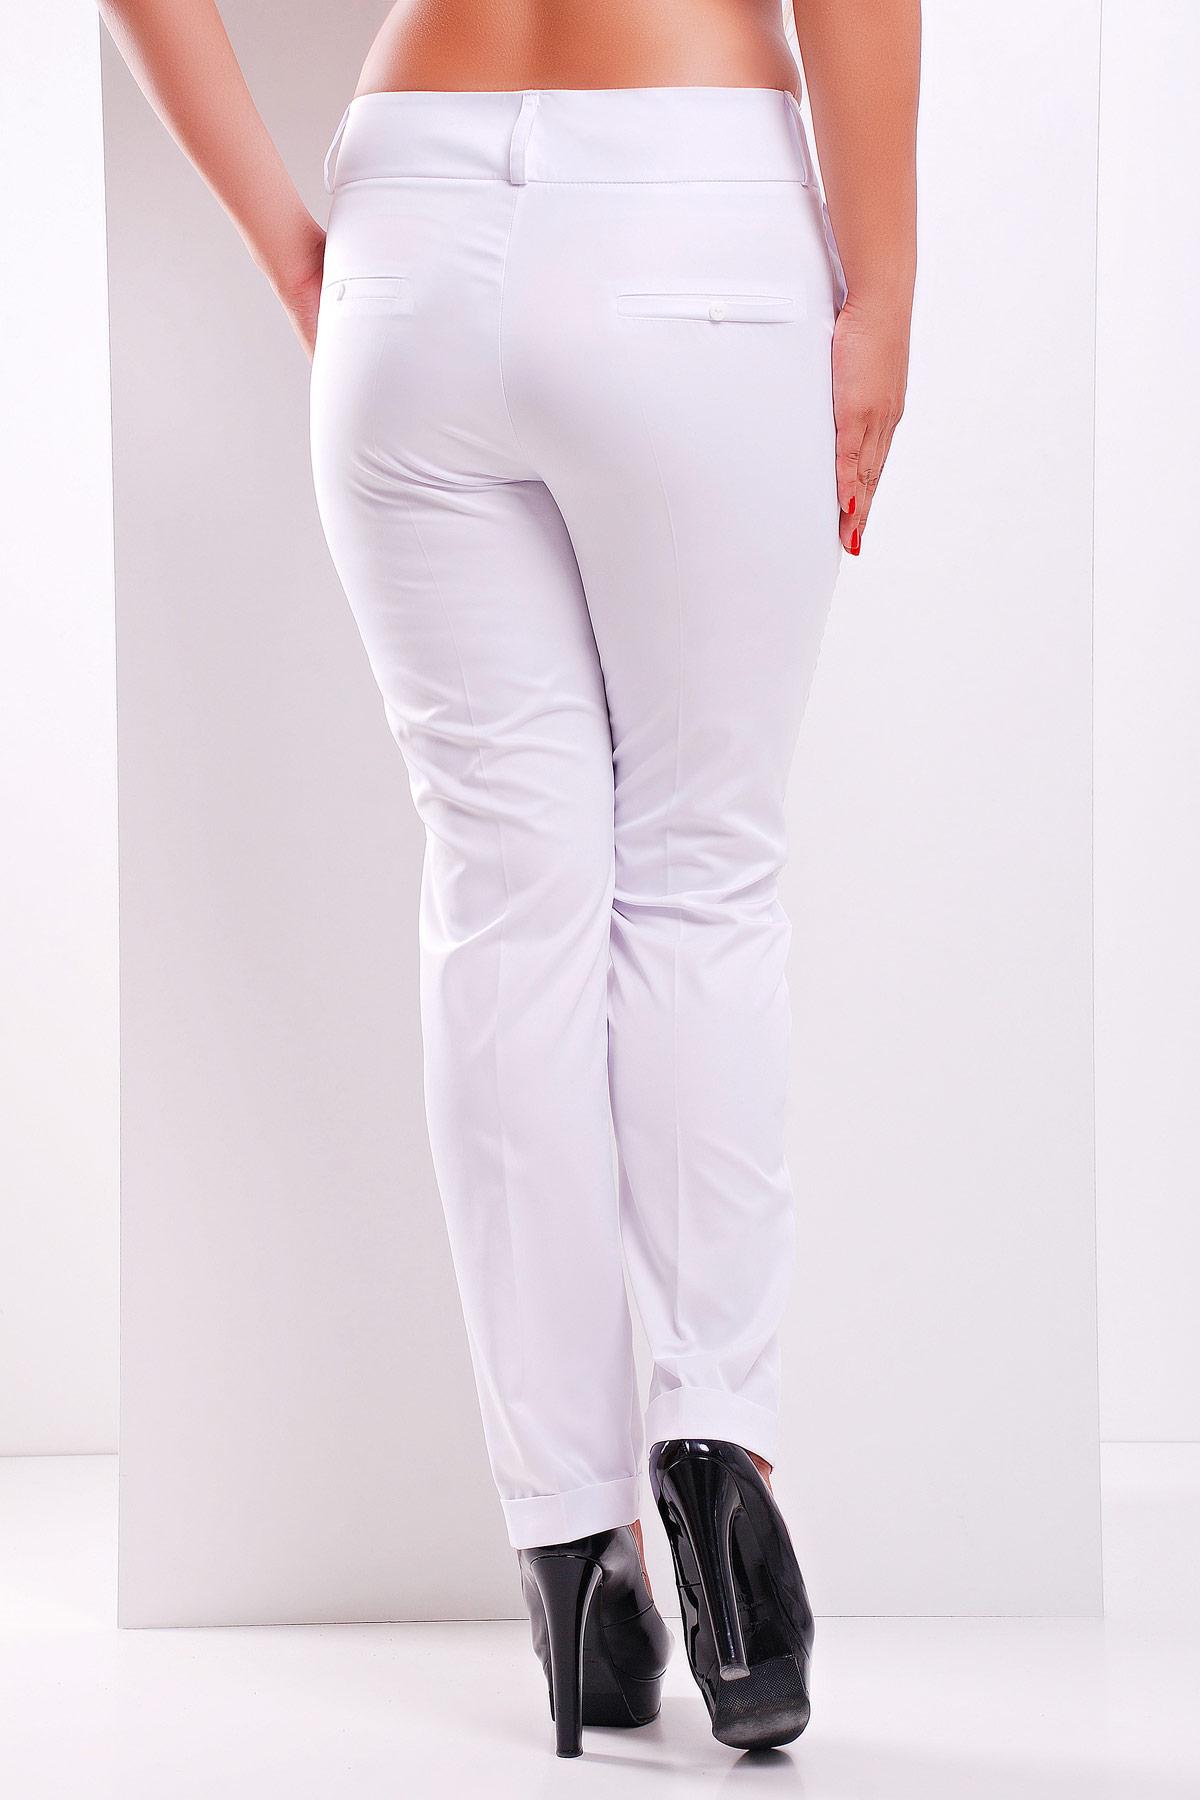 большие женские брюки. брюки Хилори-Б. Цвет: белый